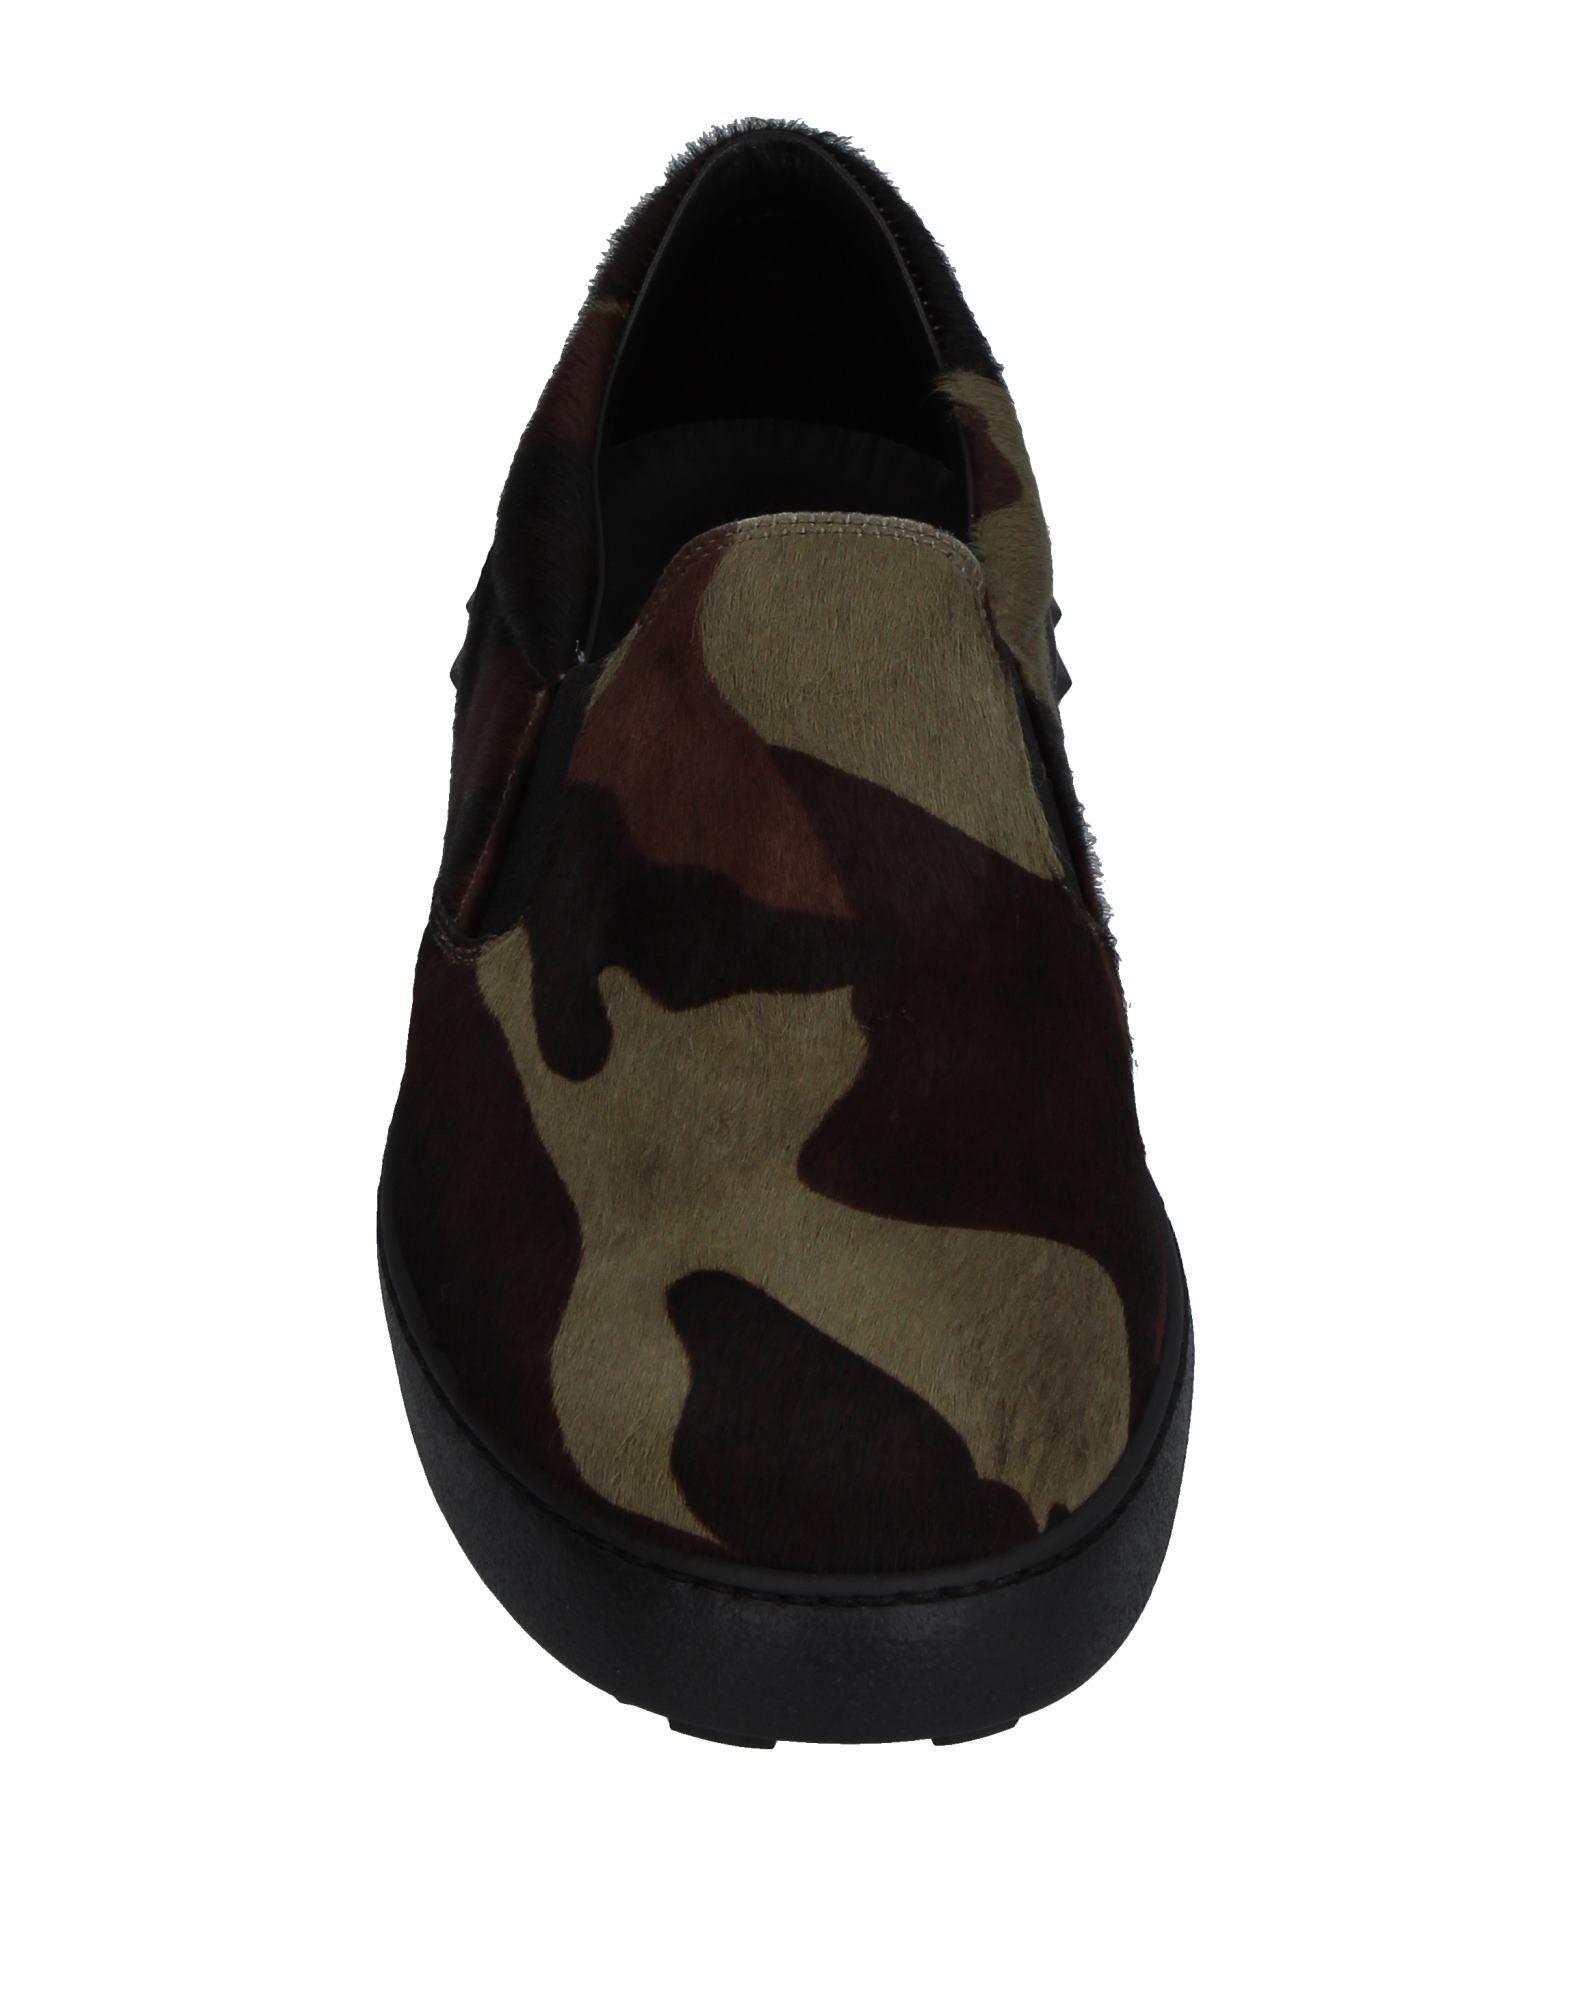 Valentino Garavani Sneakers Herren  11346956MN Gute Qualität beliebte Schuhe